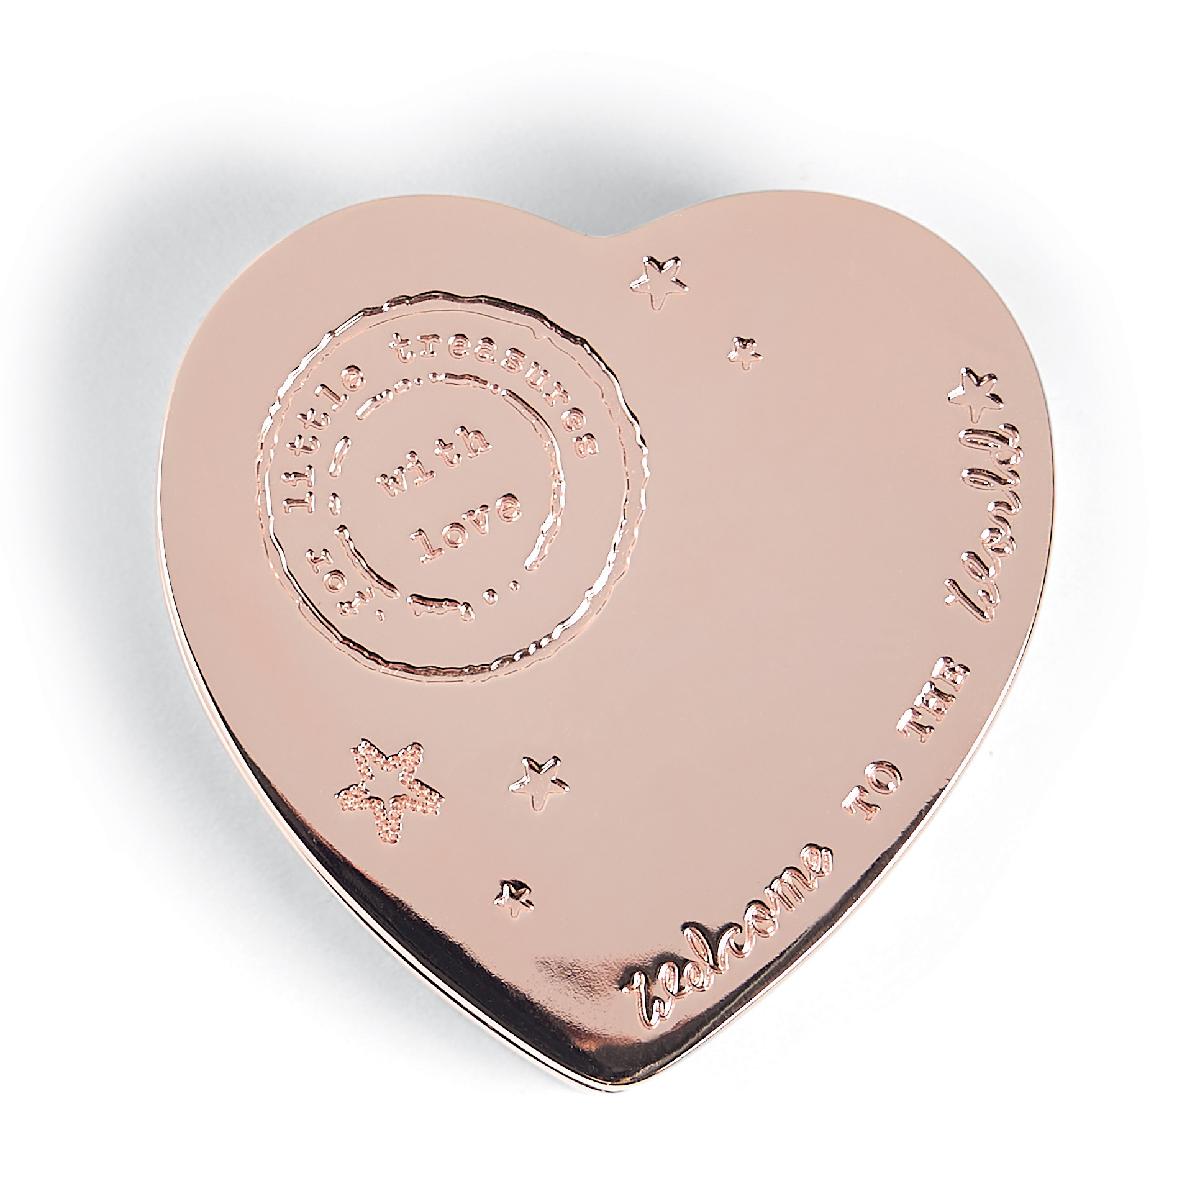 เครื่องเงิน กล่องรูปหัวใจ Rose Gold - Heart Trinket Box